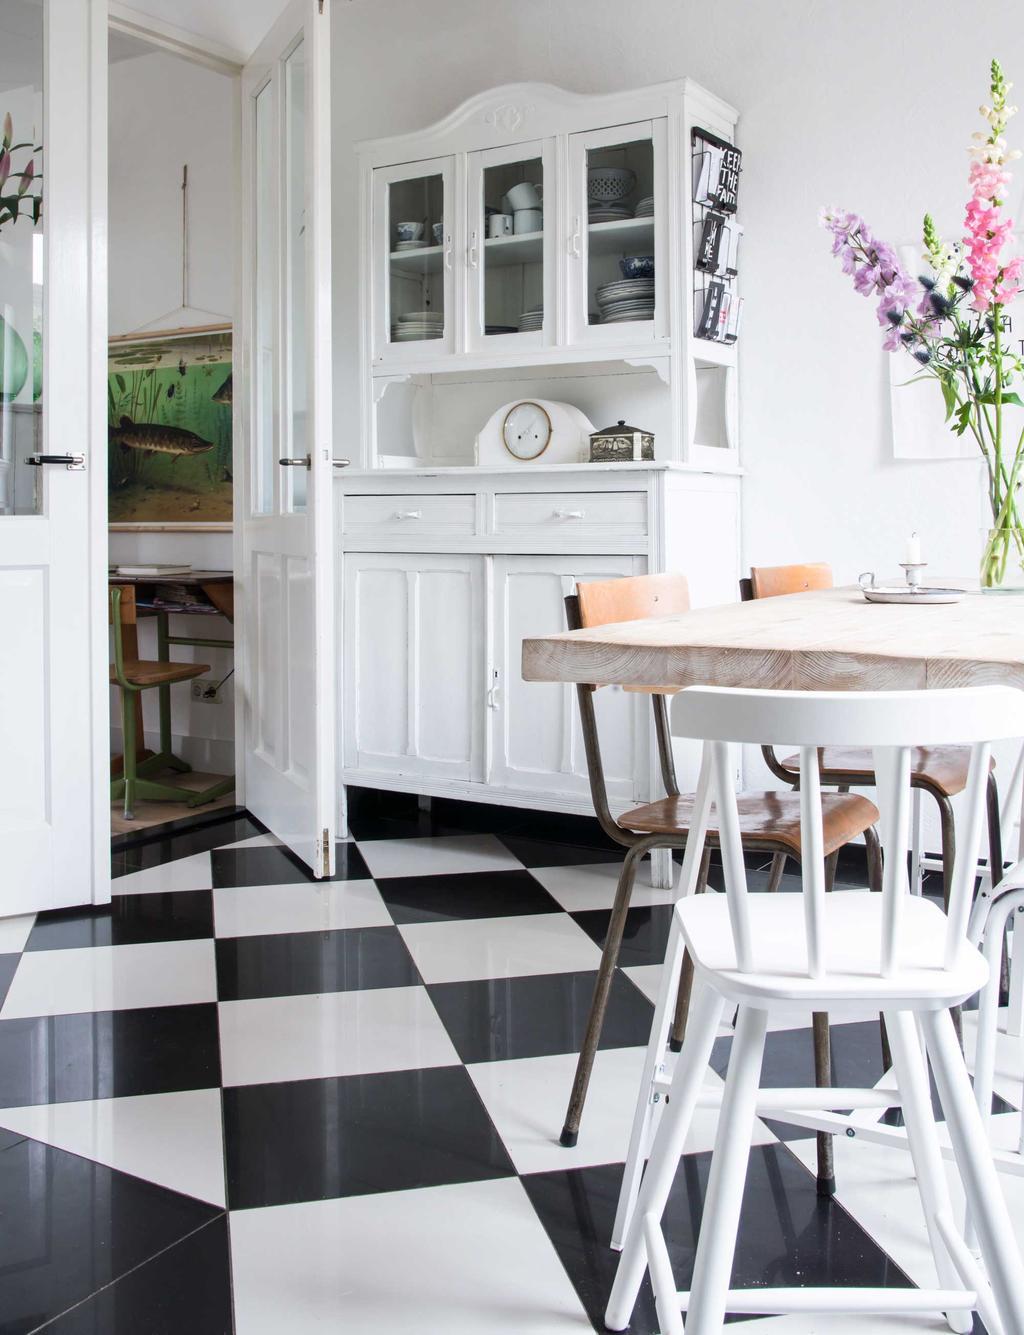 Keuken met zwart-witte tegels - Soorten tegels